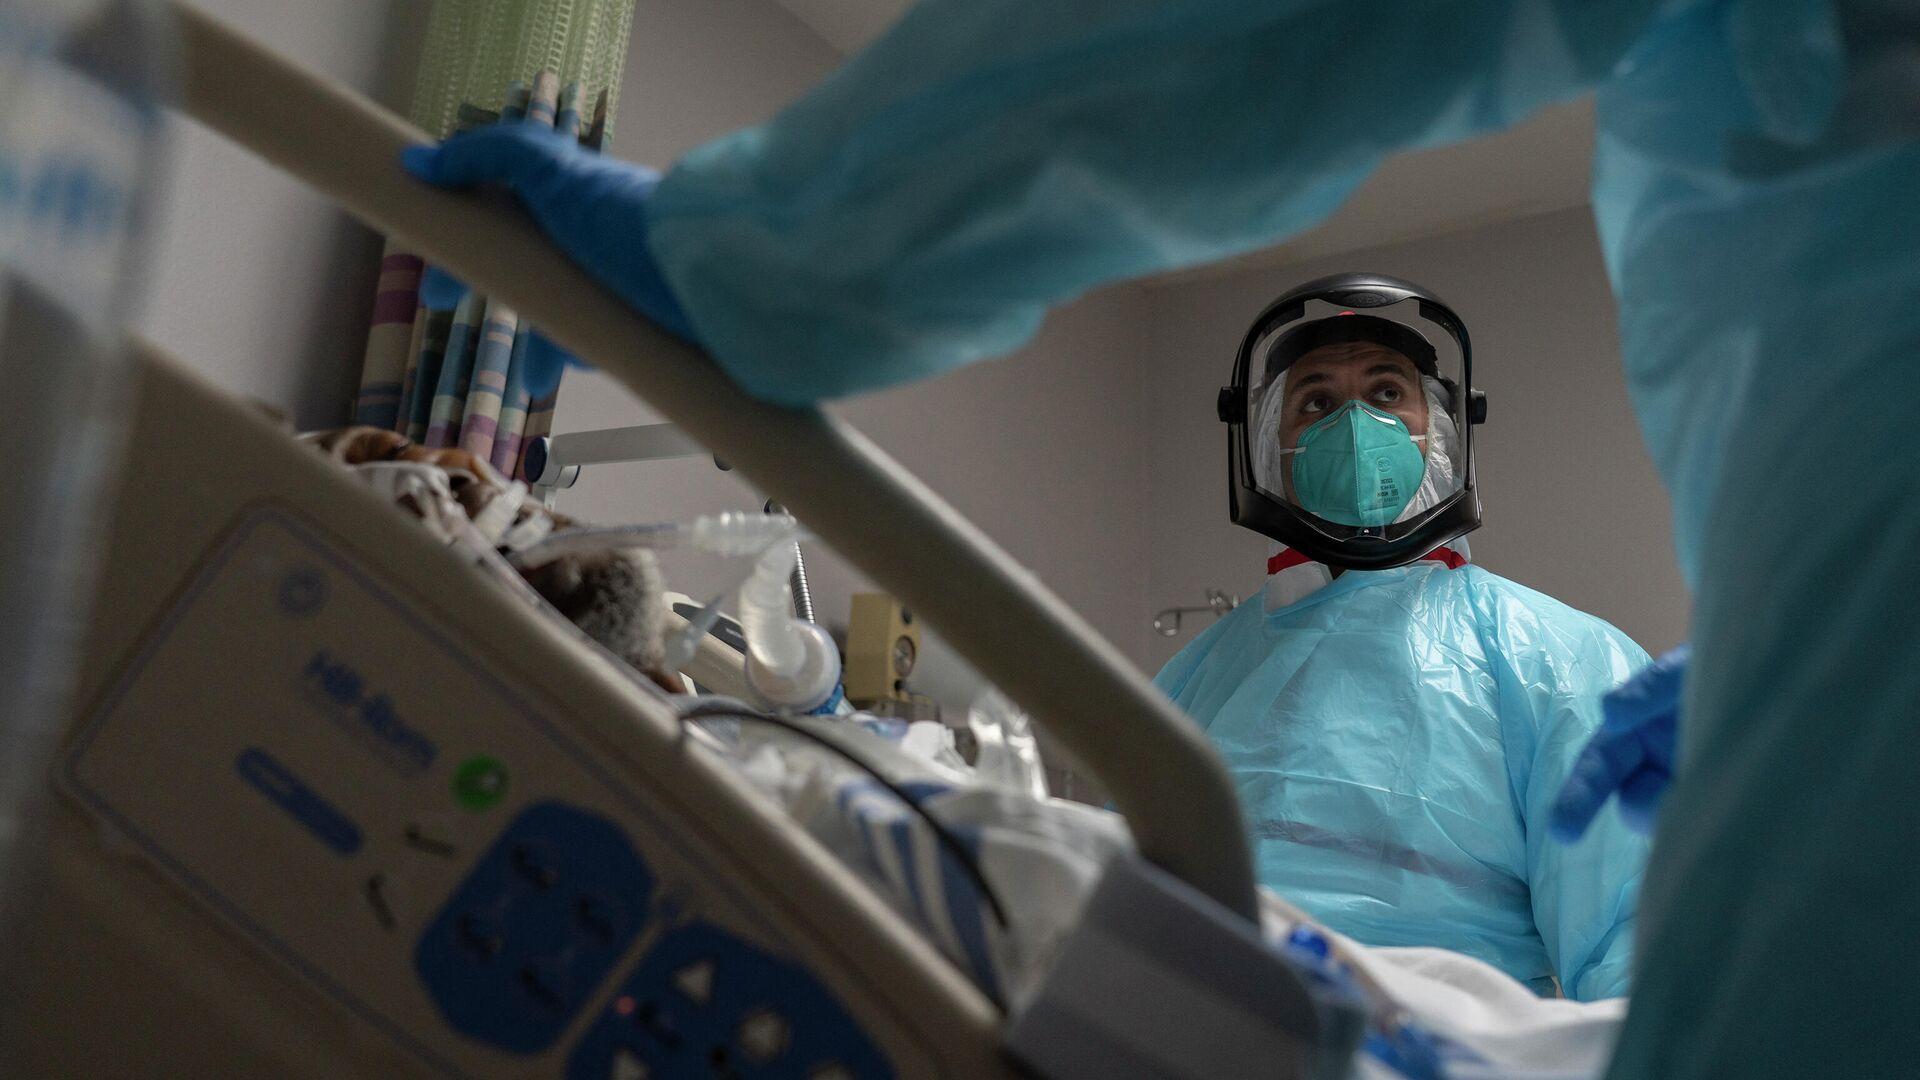 Медицинский сотрудник в отделении интенсивной терапии госпиталя для пациентов с COVID-19 в Хьюстоне, Техас - РИА Новости, 1920, 05.08.2021